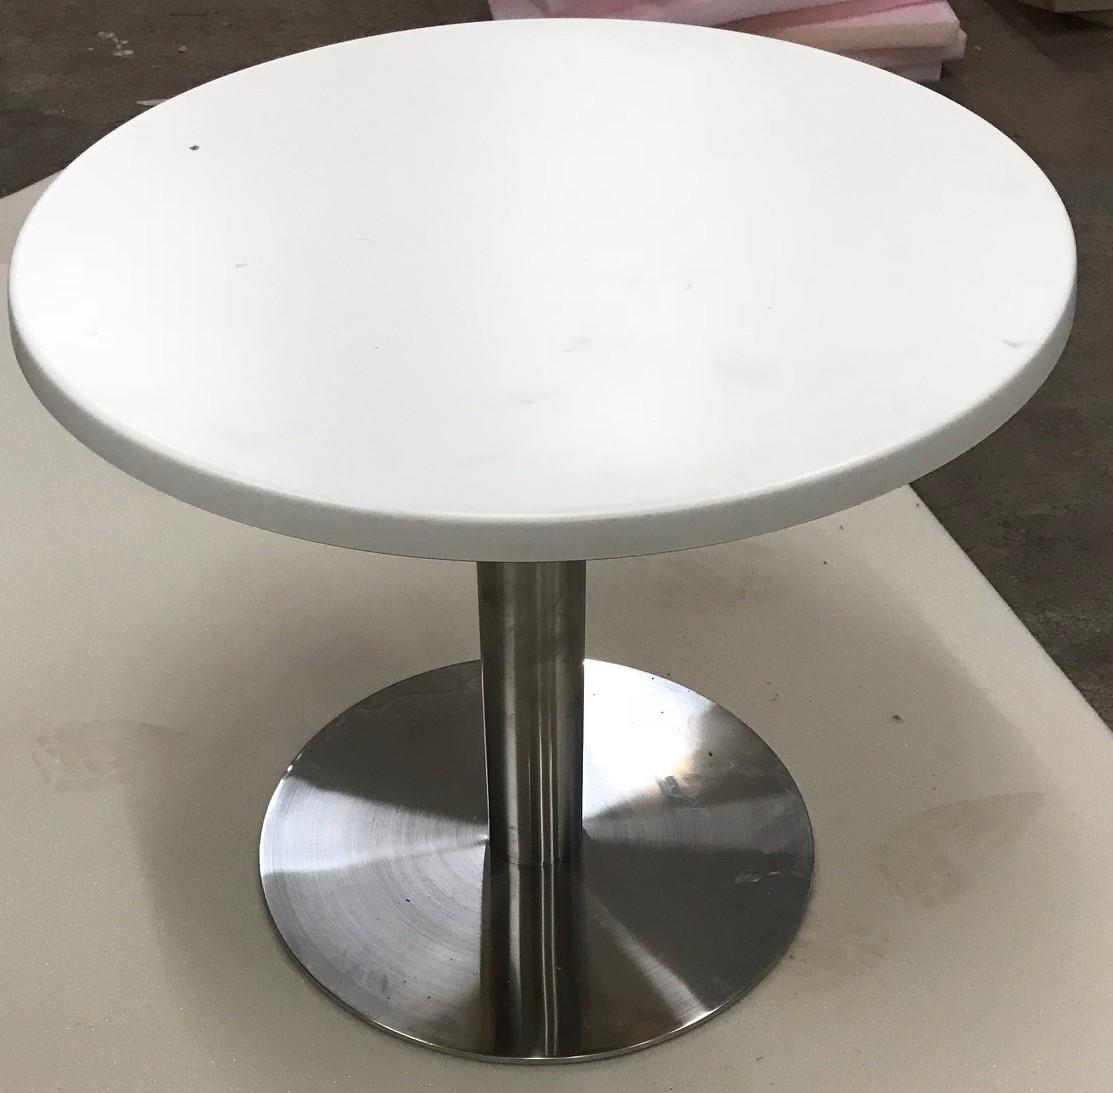 Table Basse En Inox tout table basse pied inox 95,00 €